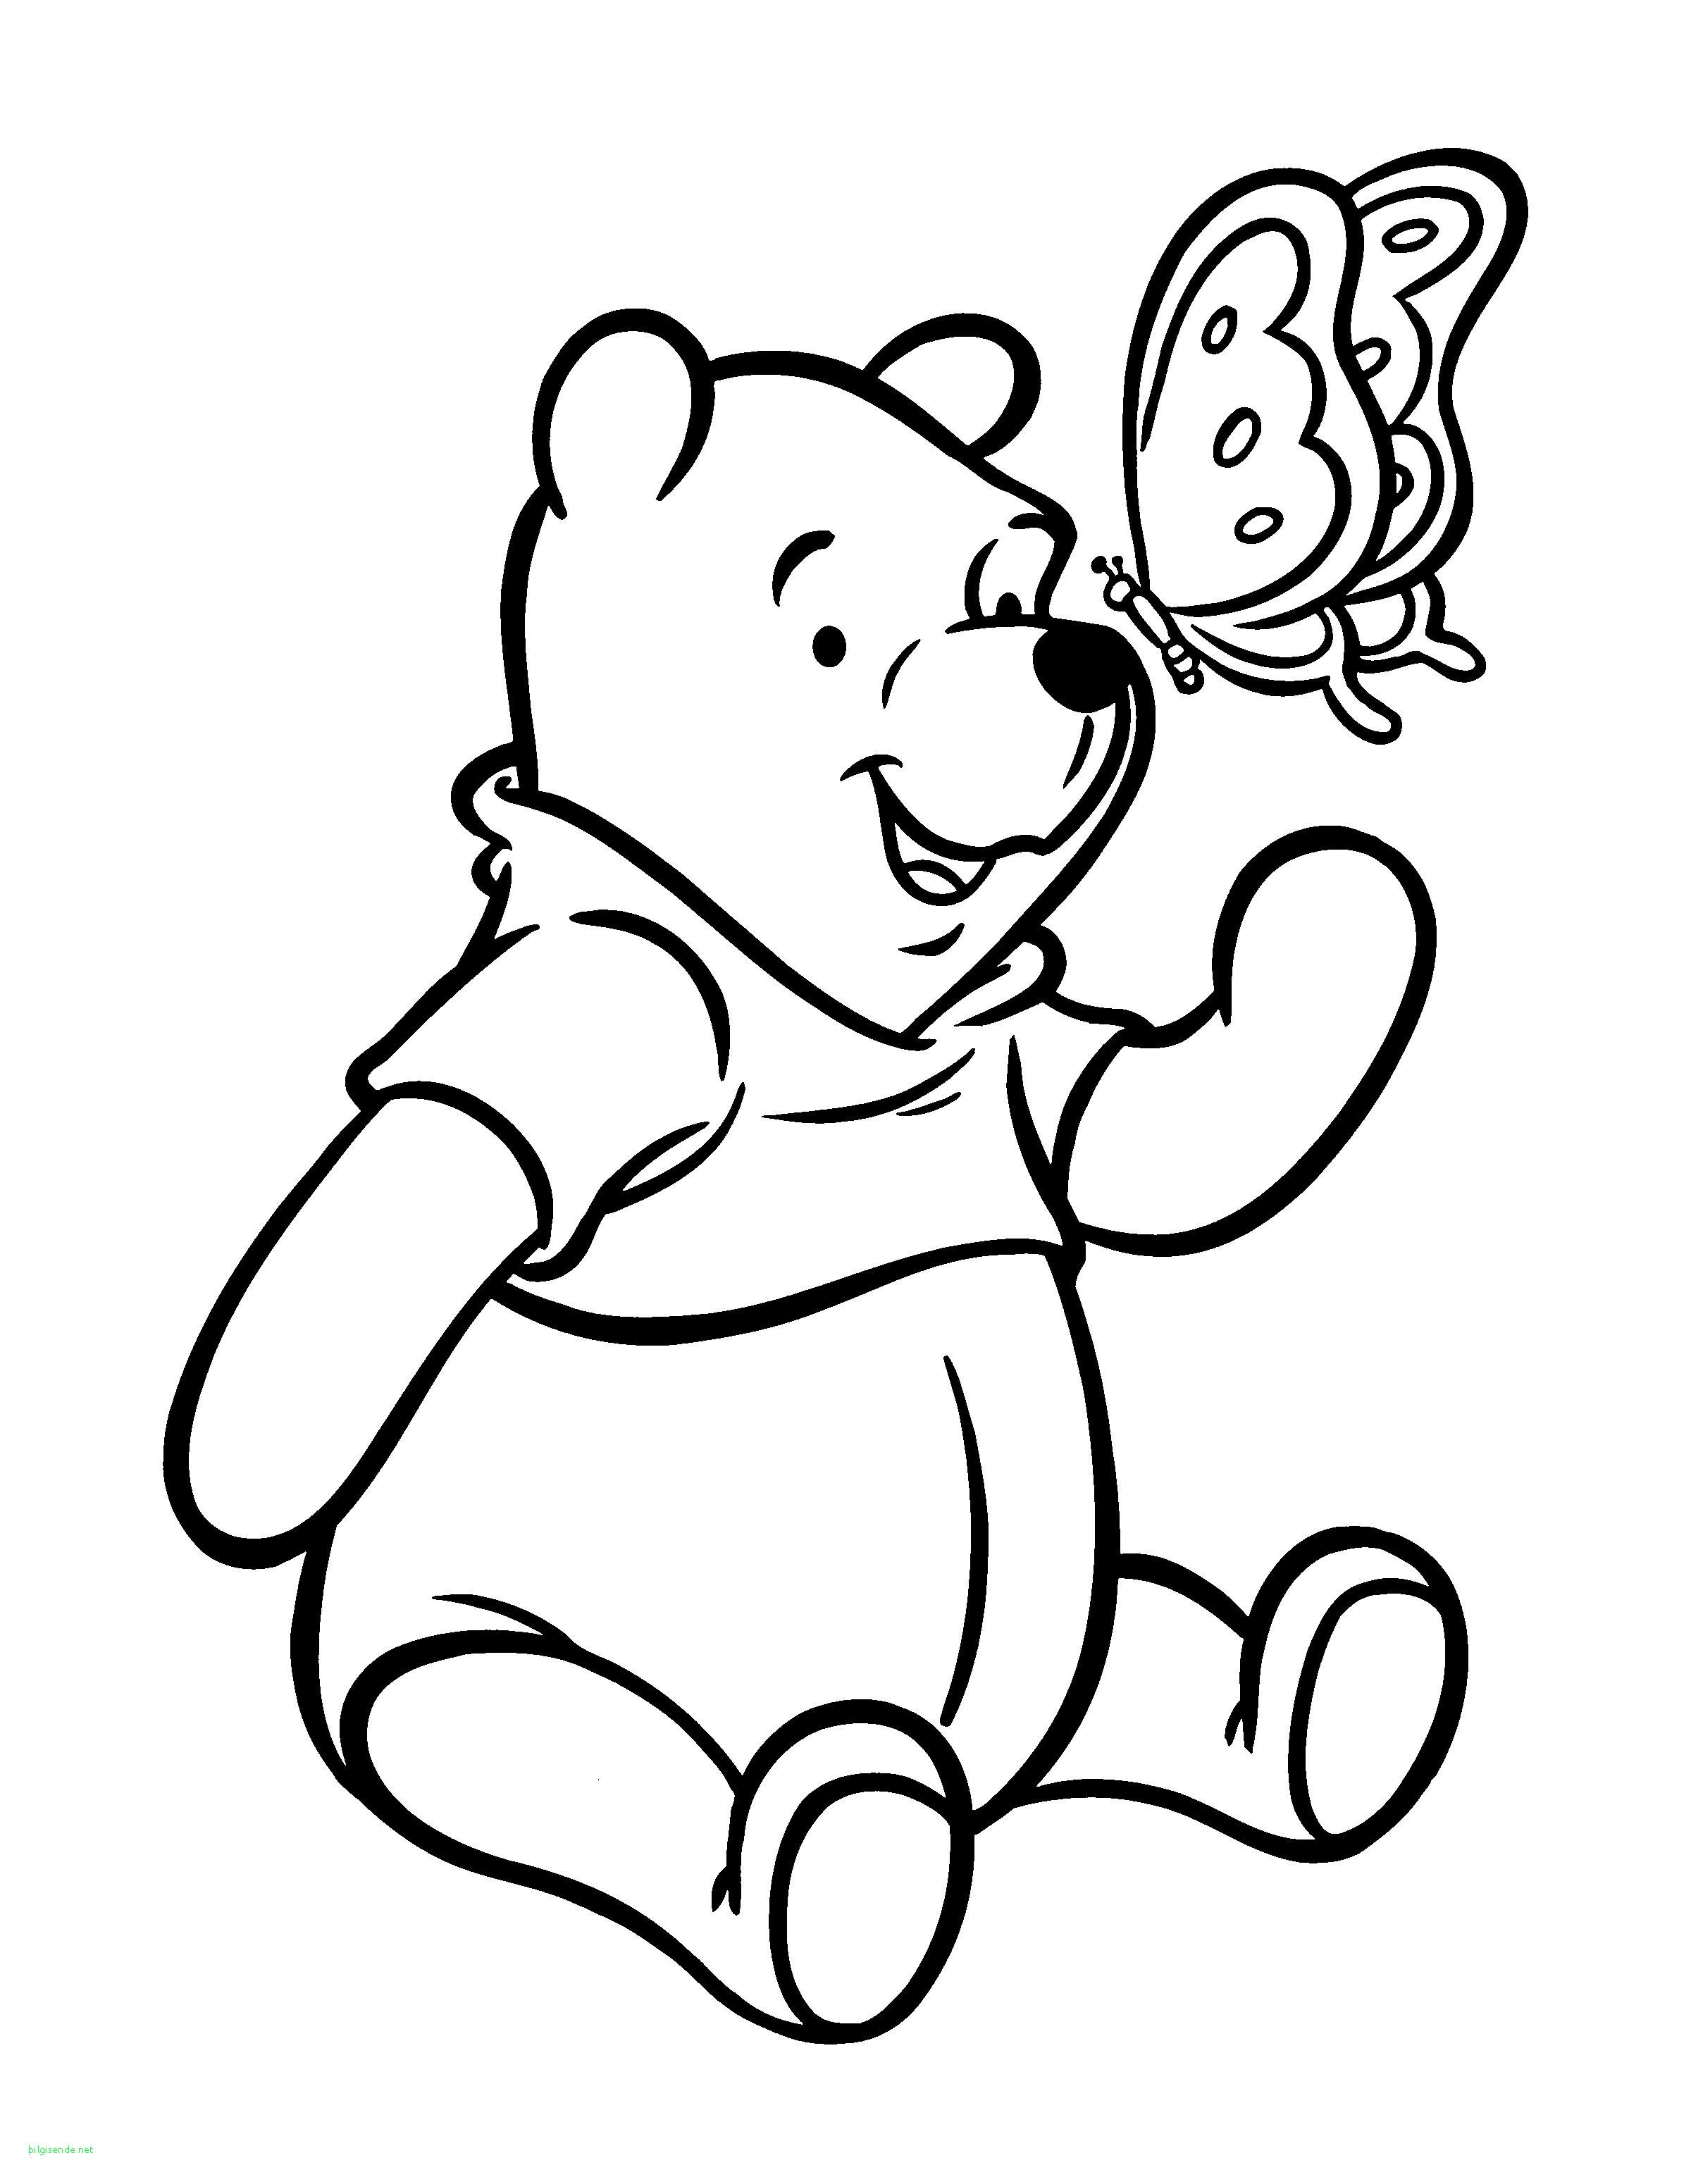 Winni Pooh Ausmalbilder Einzigartig Elegant Free Coloring Disney Pixel Art Winnie Luxus Ausmalbilder Bild